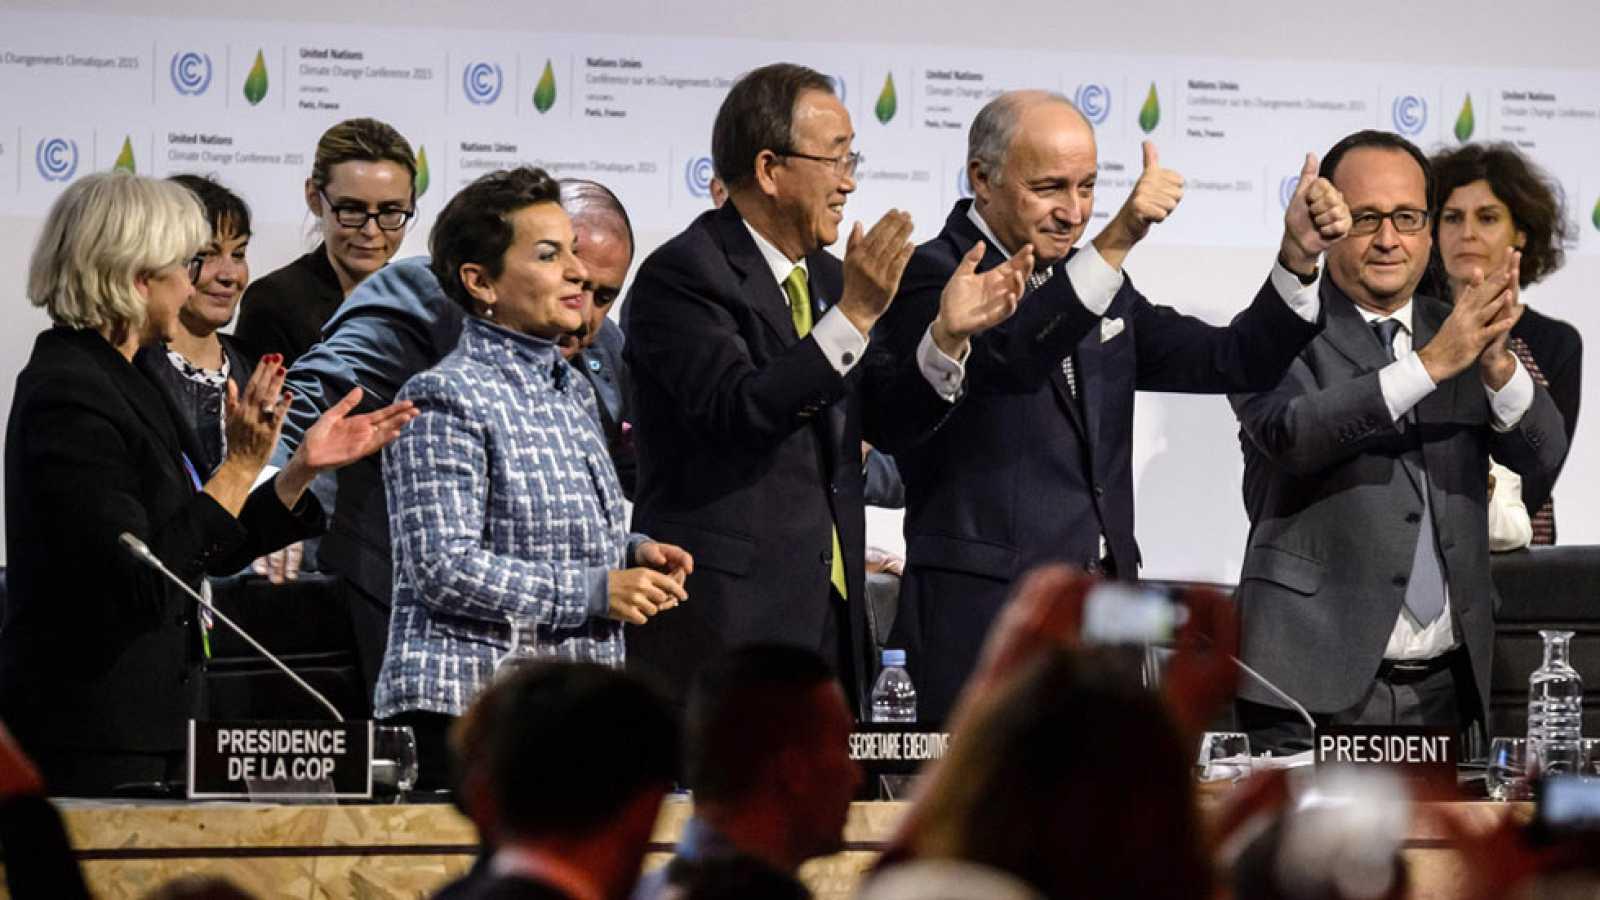 Ecologistas y expertos valoran el acuerdo de la Cumbre del Clima de París como insuficiente